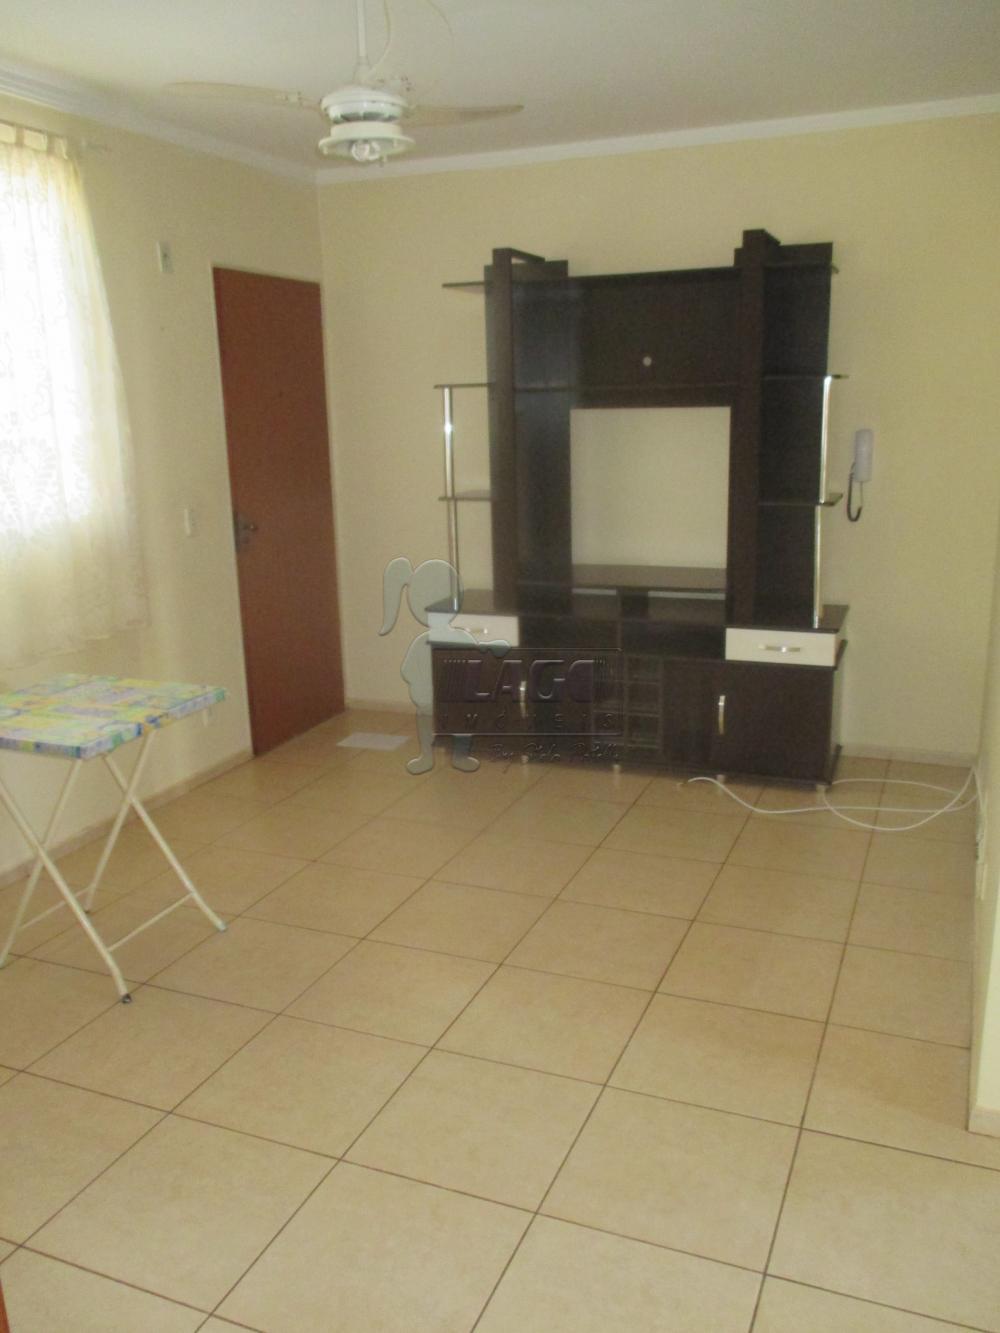 Alugar Apartamento / Mobiliado em Ribeirão Preto apenas R$ 700,00 - Foto 2